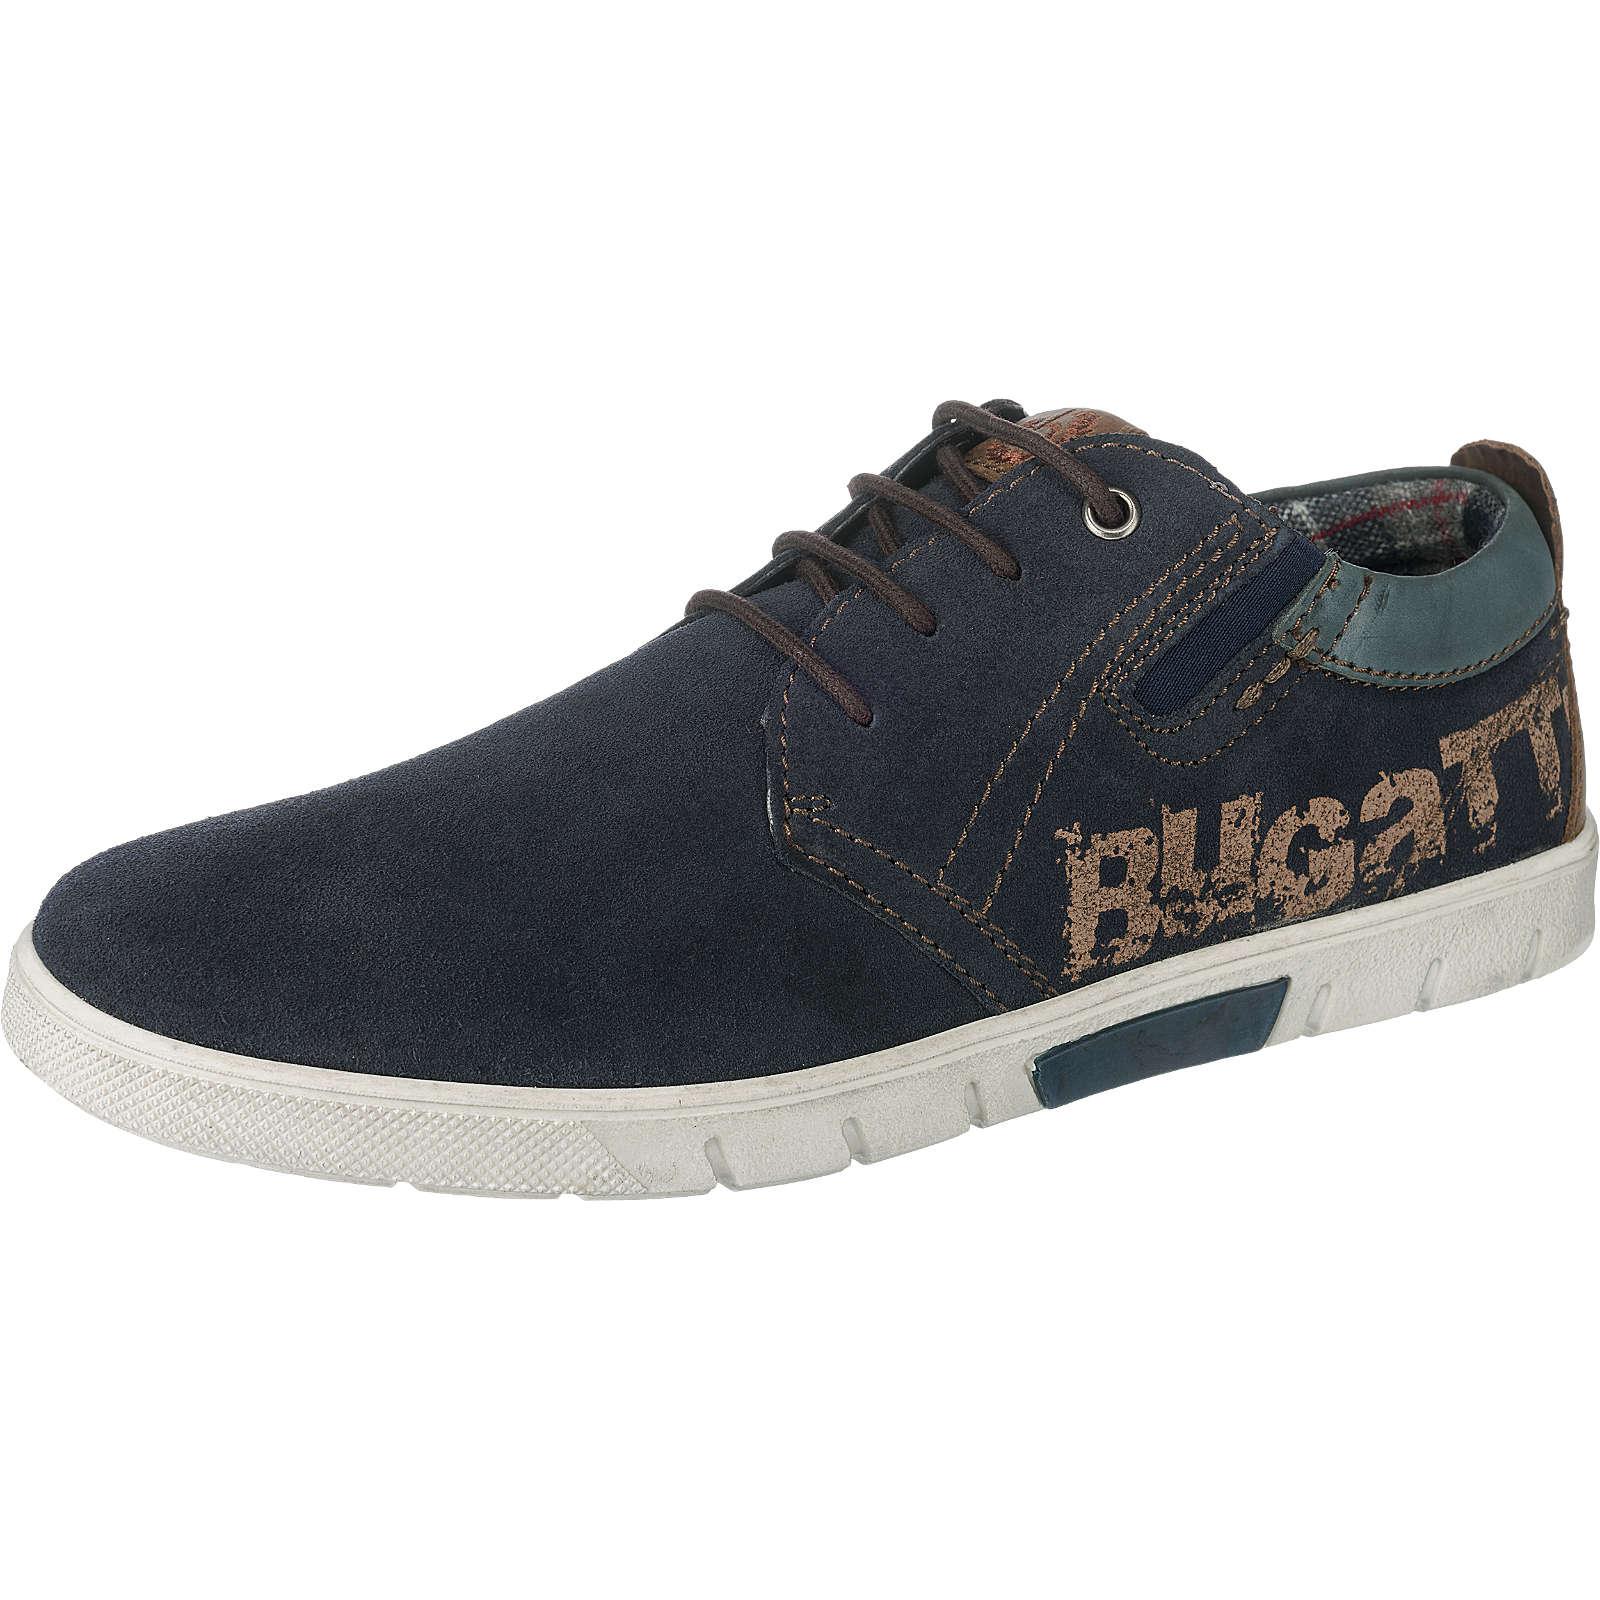 bugatti Sneakers dunkelblau Herren Gr. 45